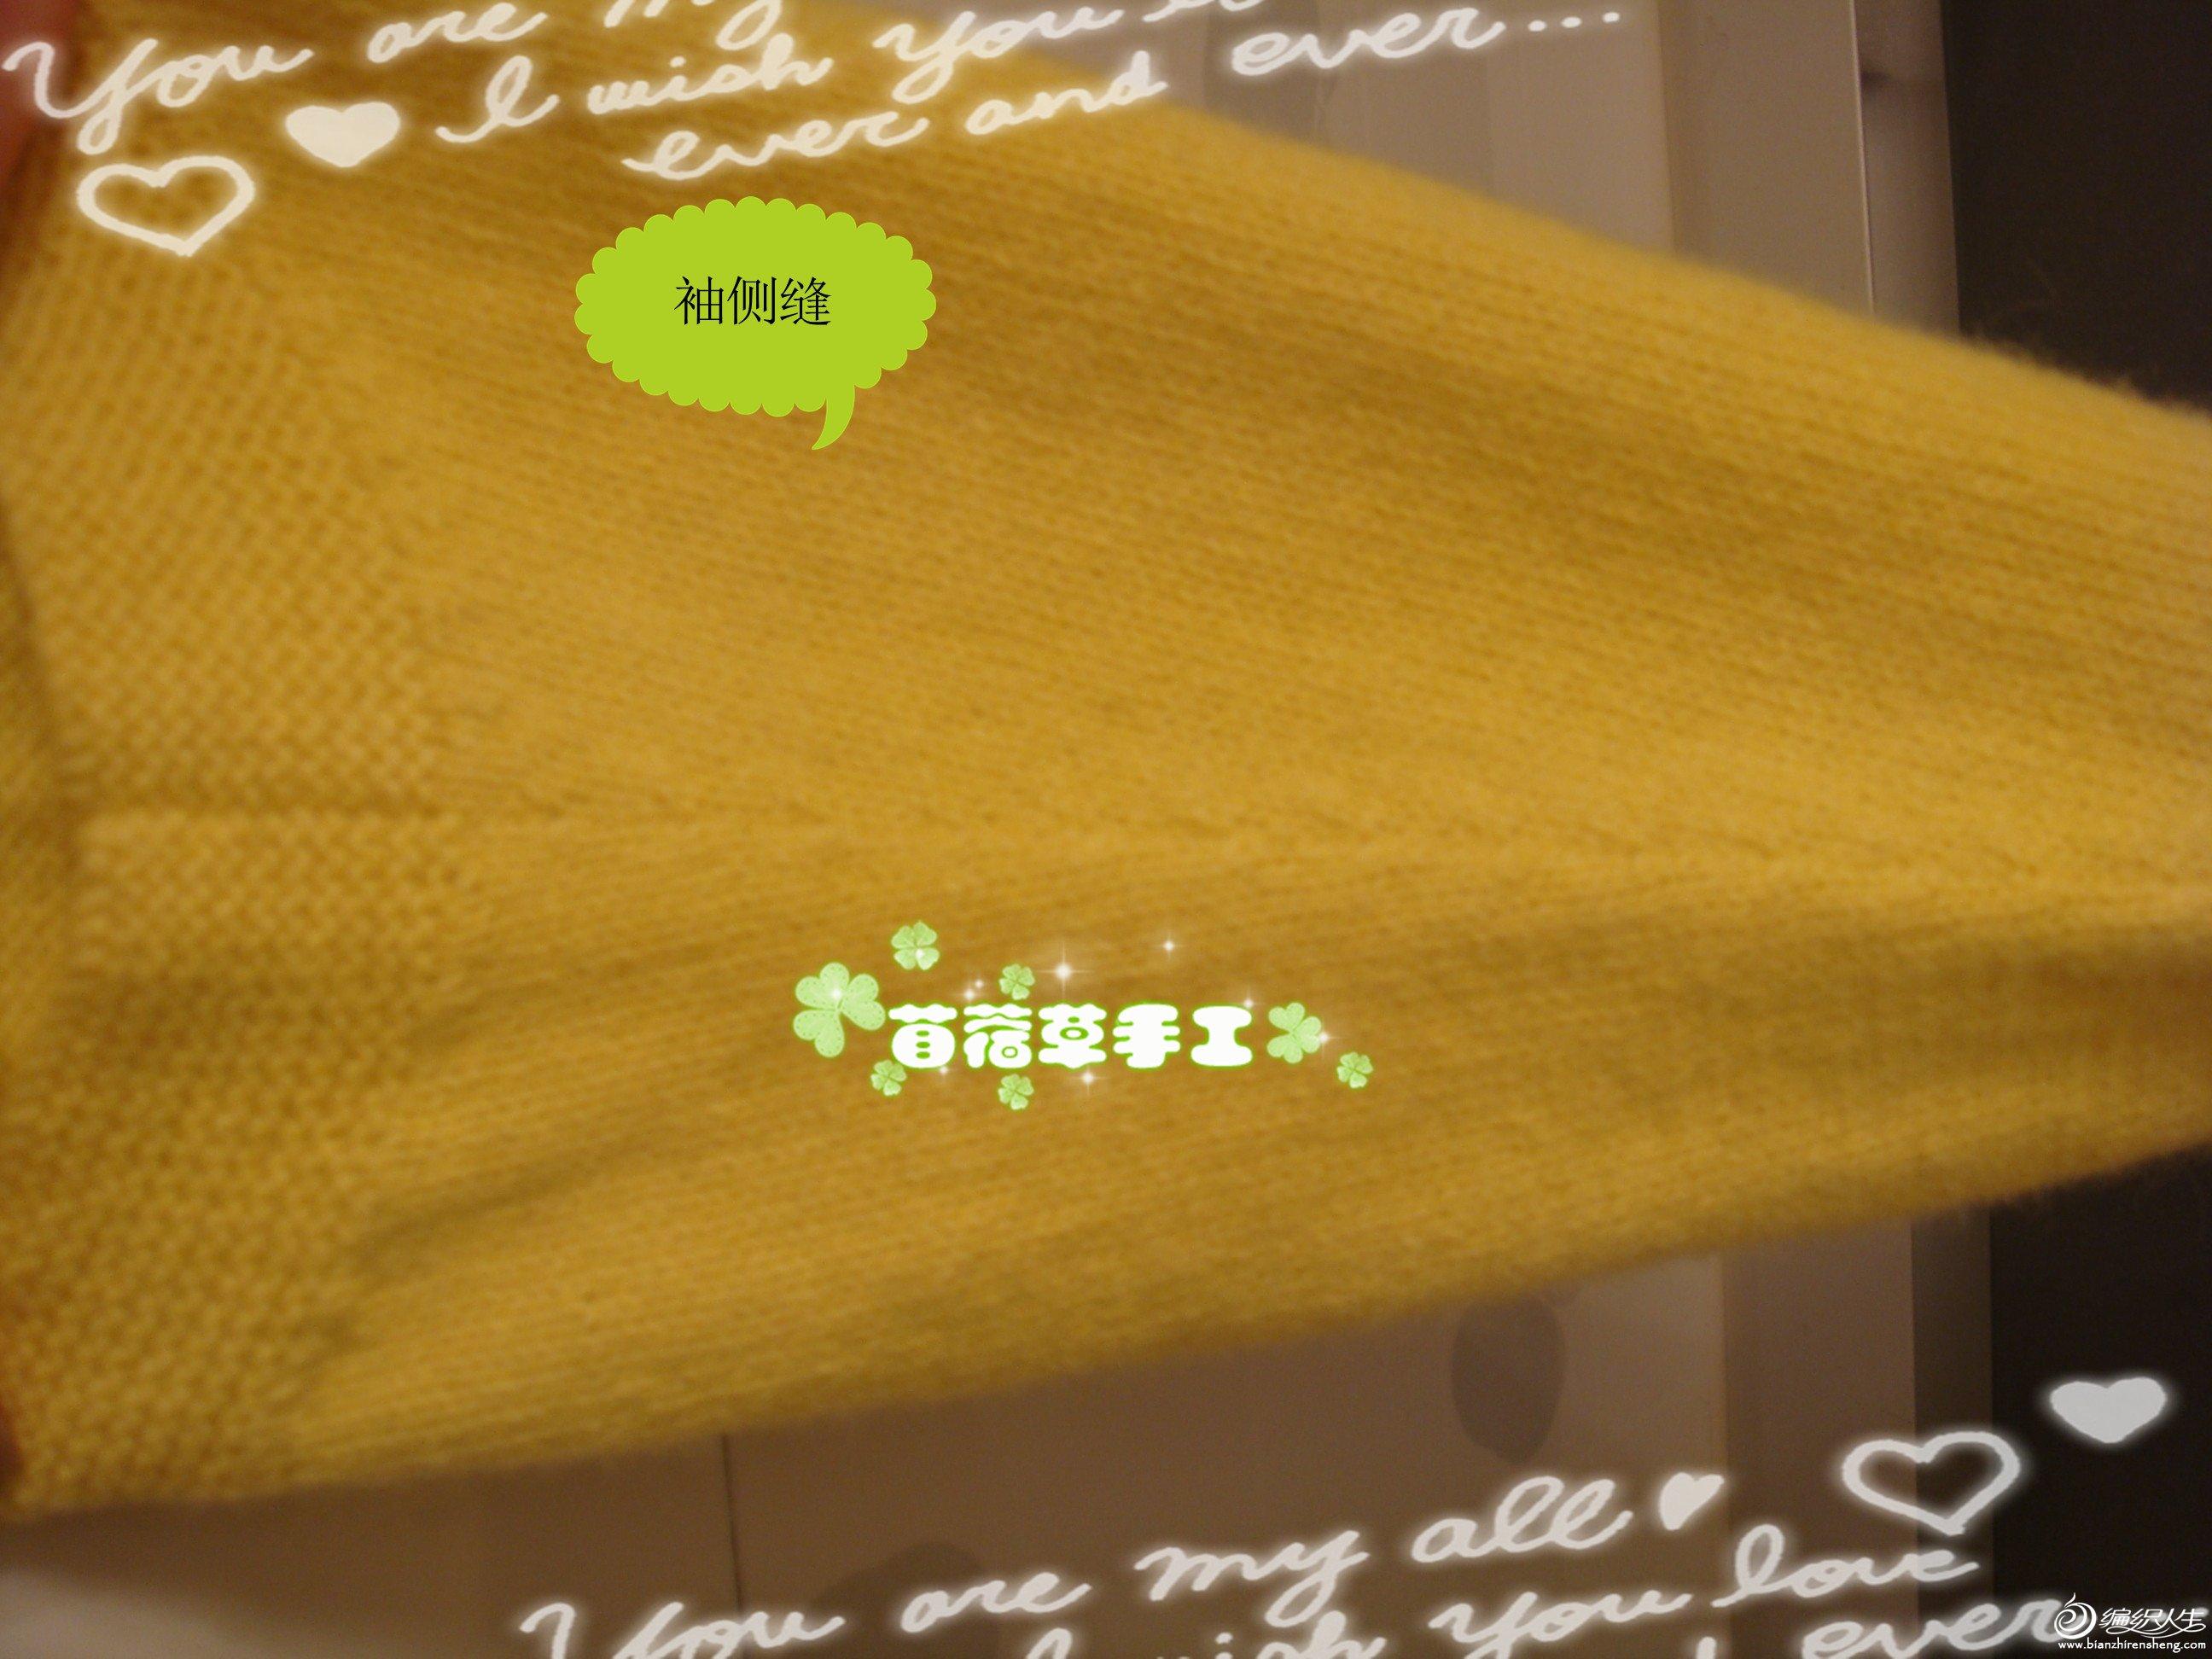 dsc05961_副本.jpg